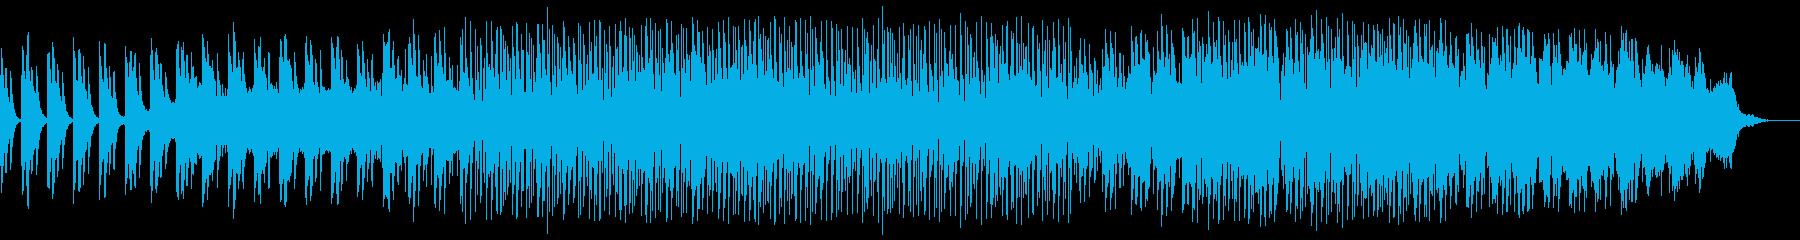 深い眠りへと誘うジャズ風アブストラクトの再生済みの波形